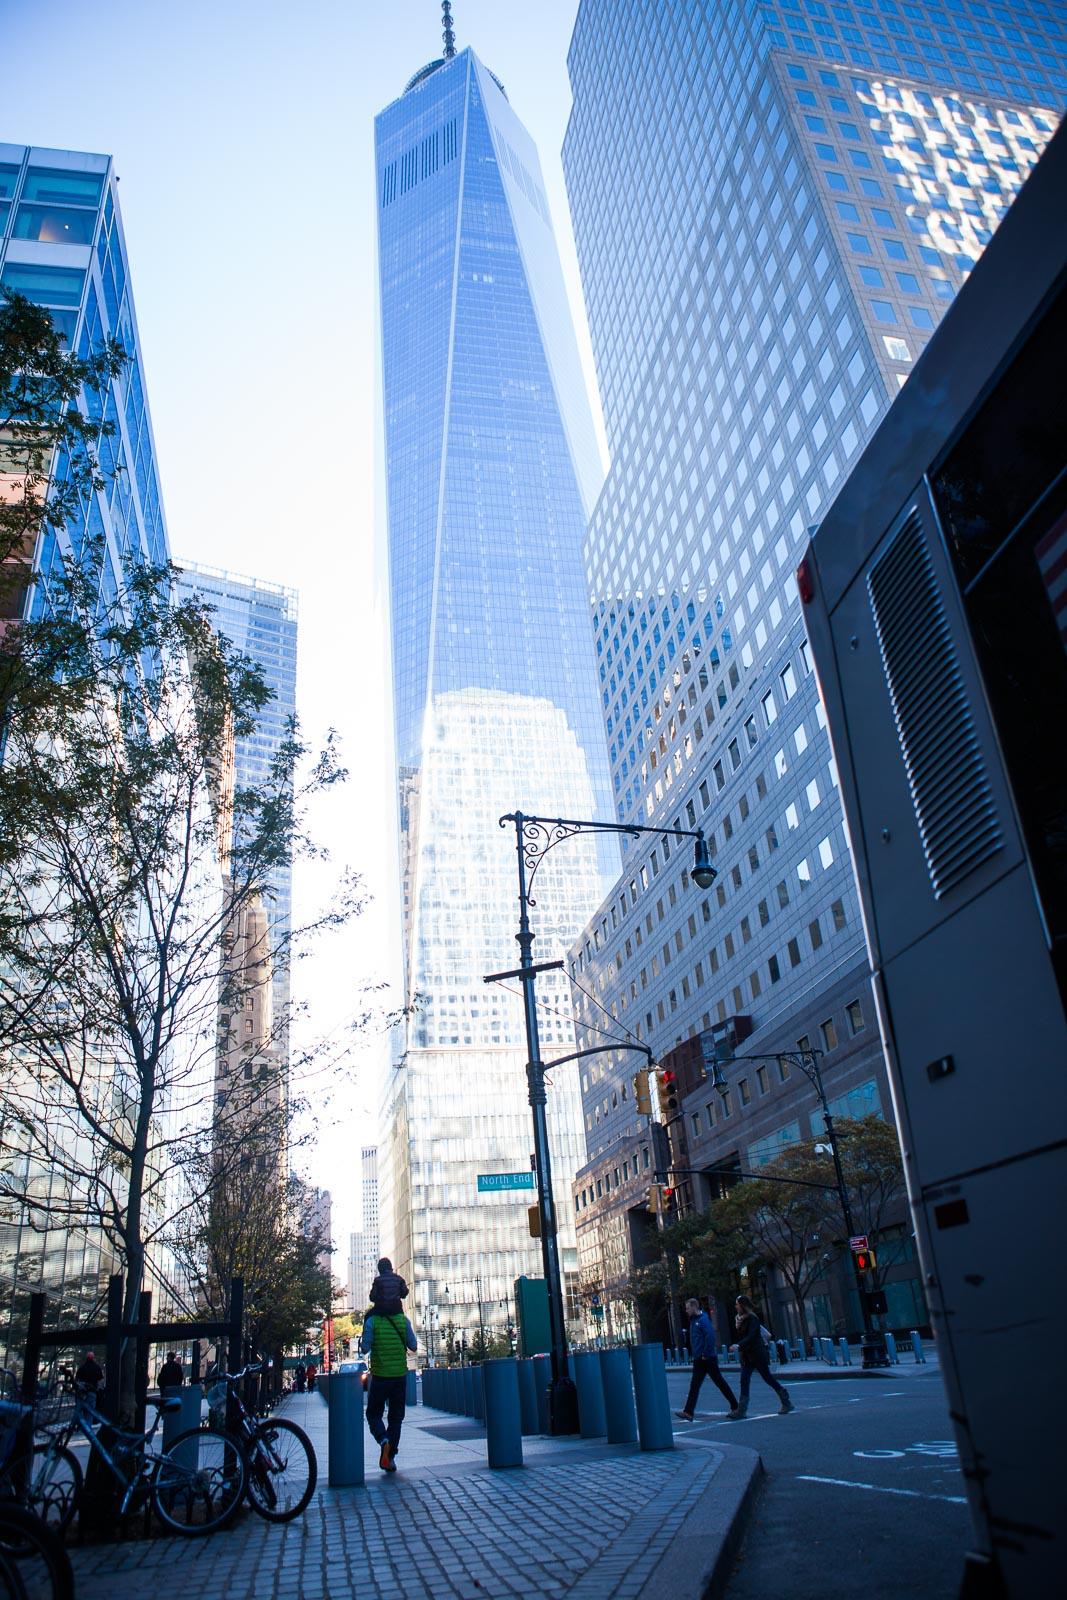 freedom-tower-nyc-robertiaga-1